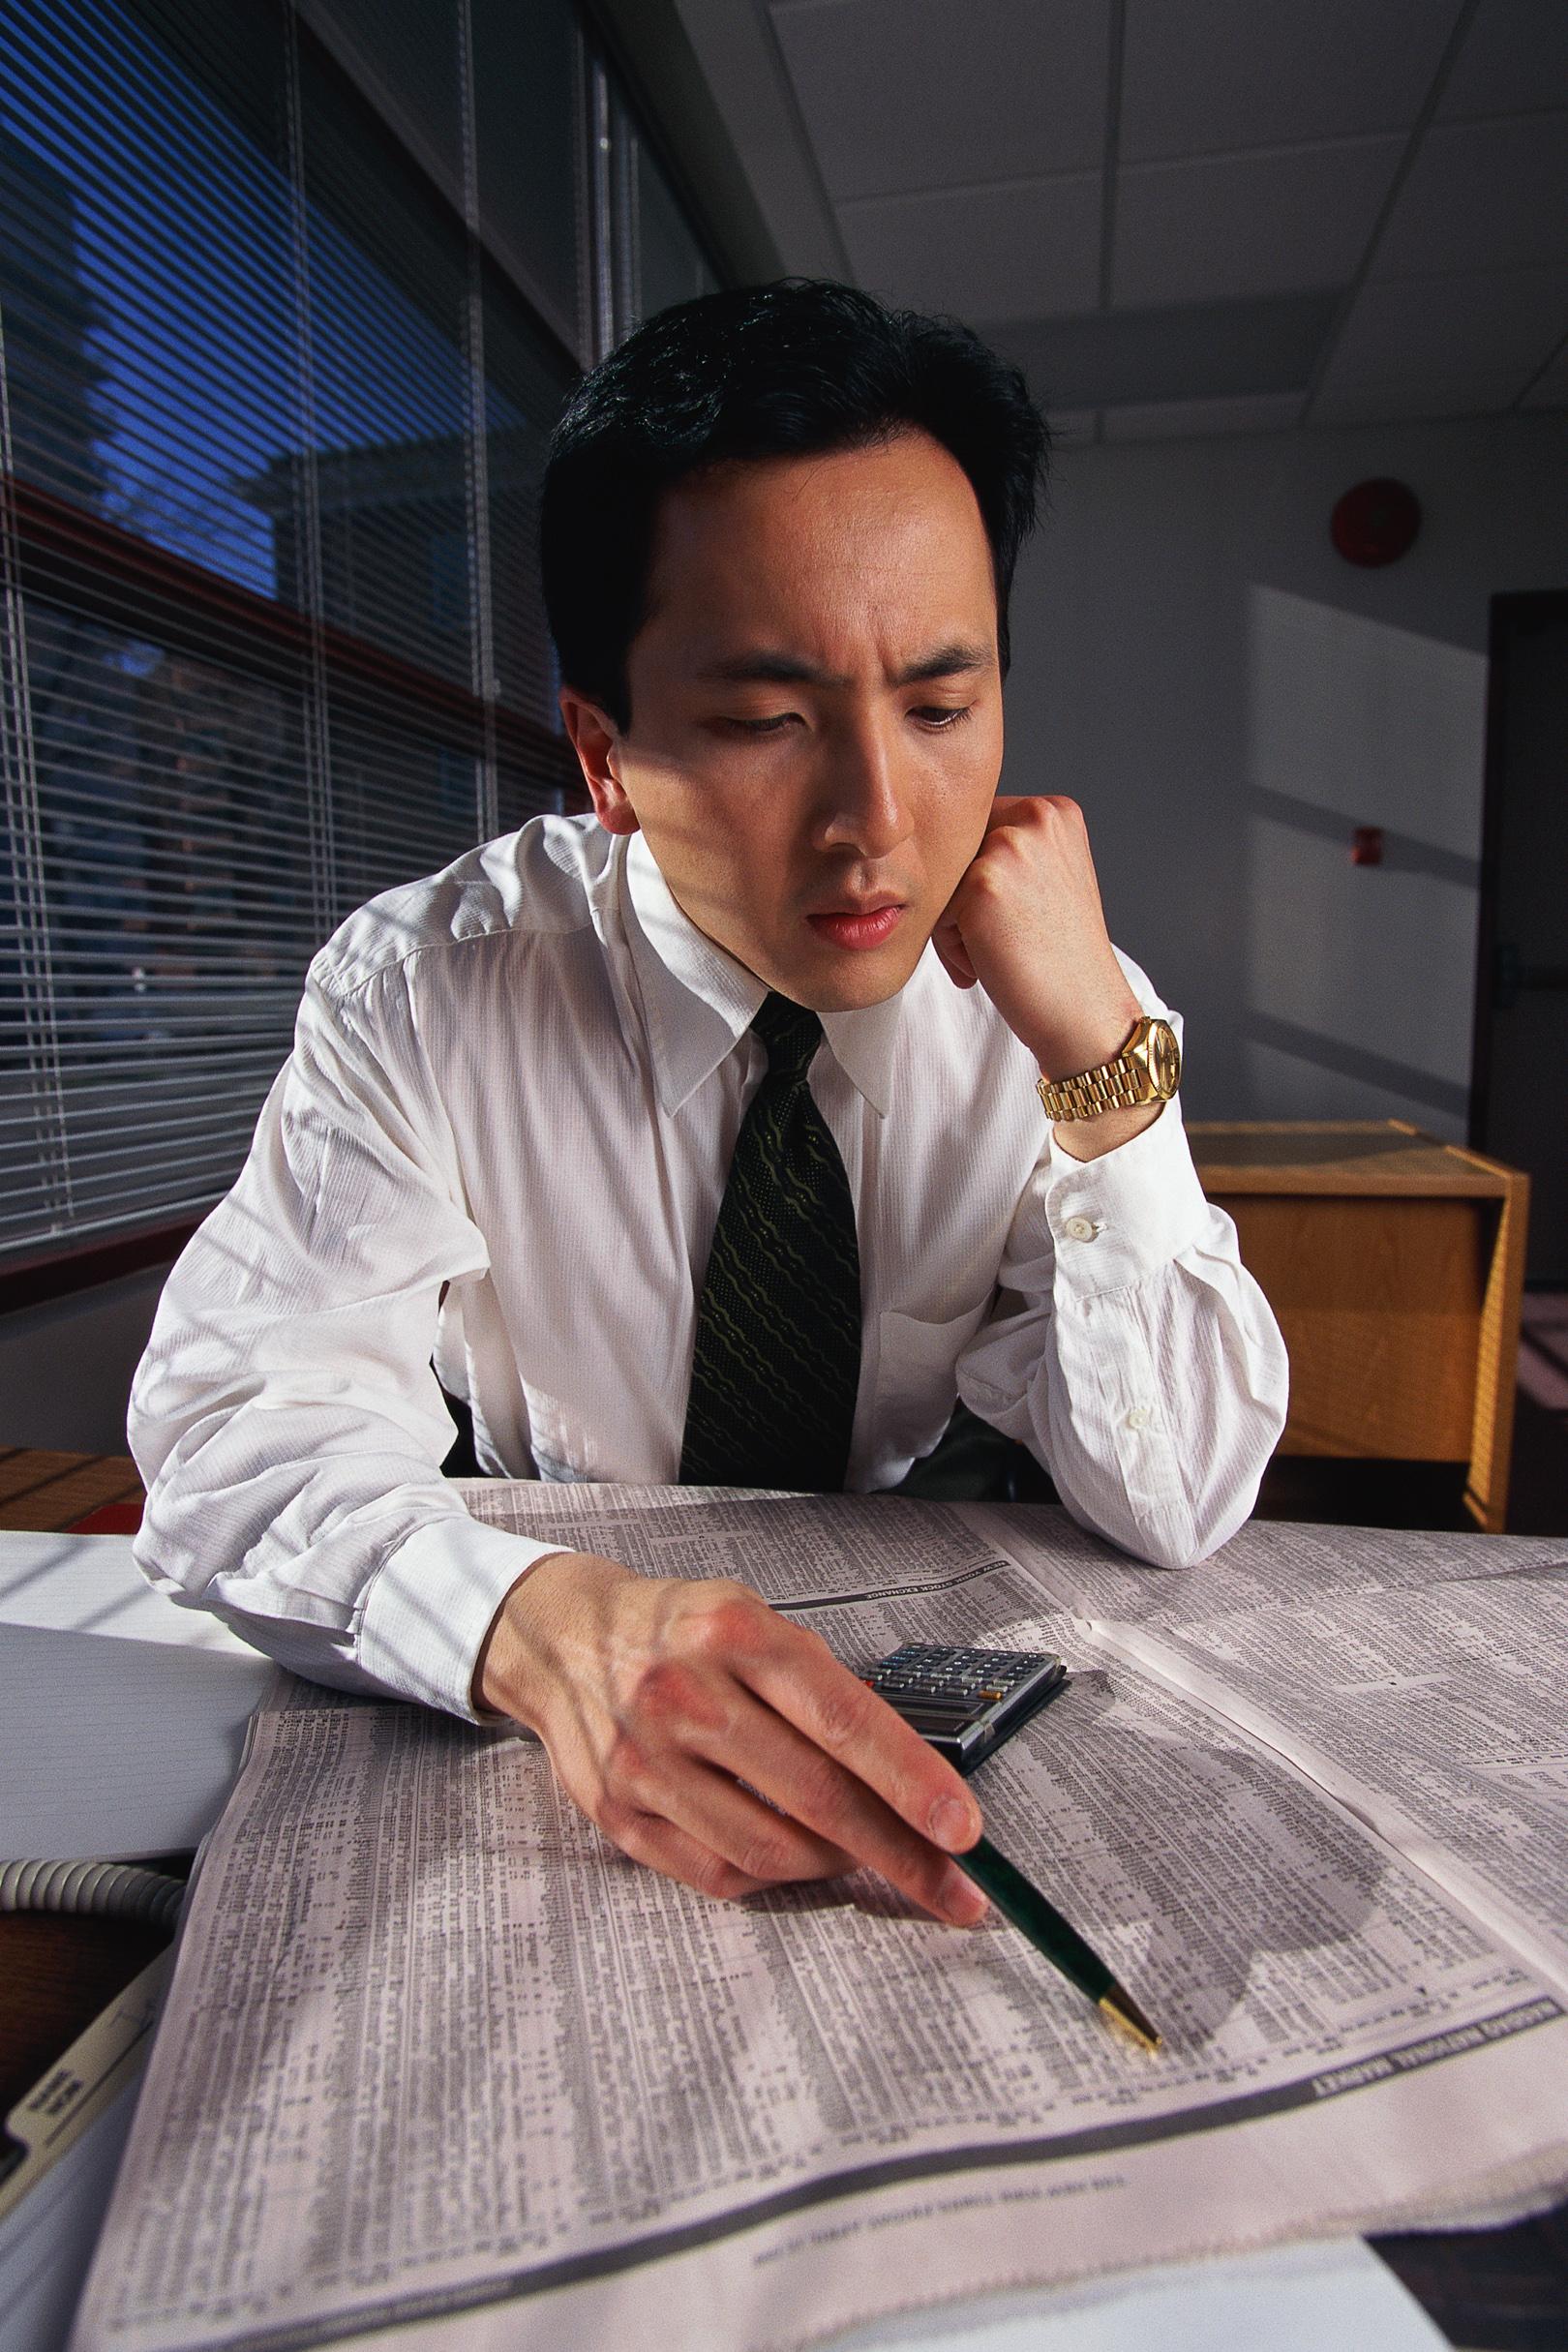 math worksheet : worksheet divorce division property as well as property division  : Divorce Division Of Assets Worksheet